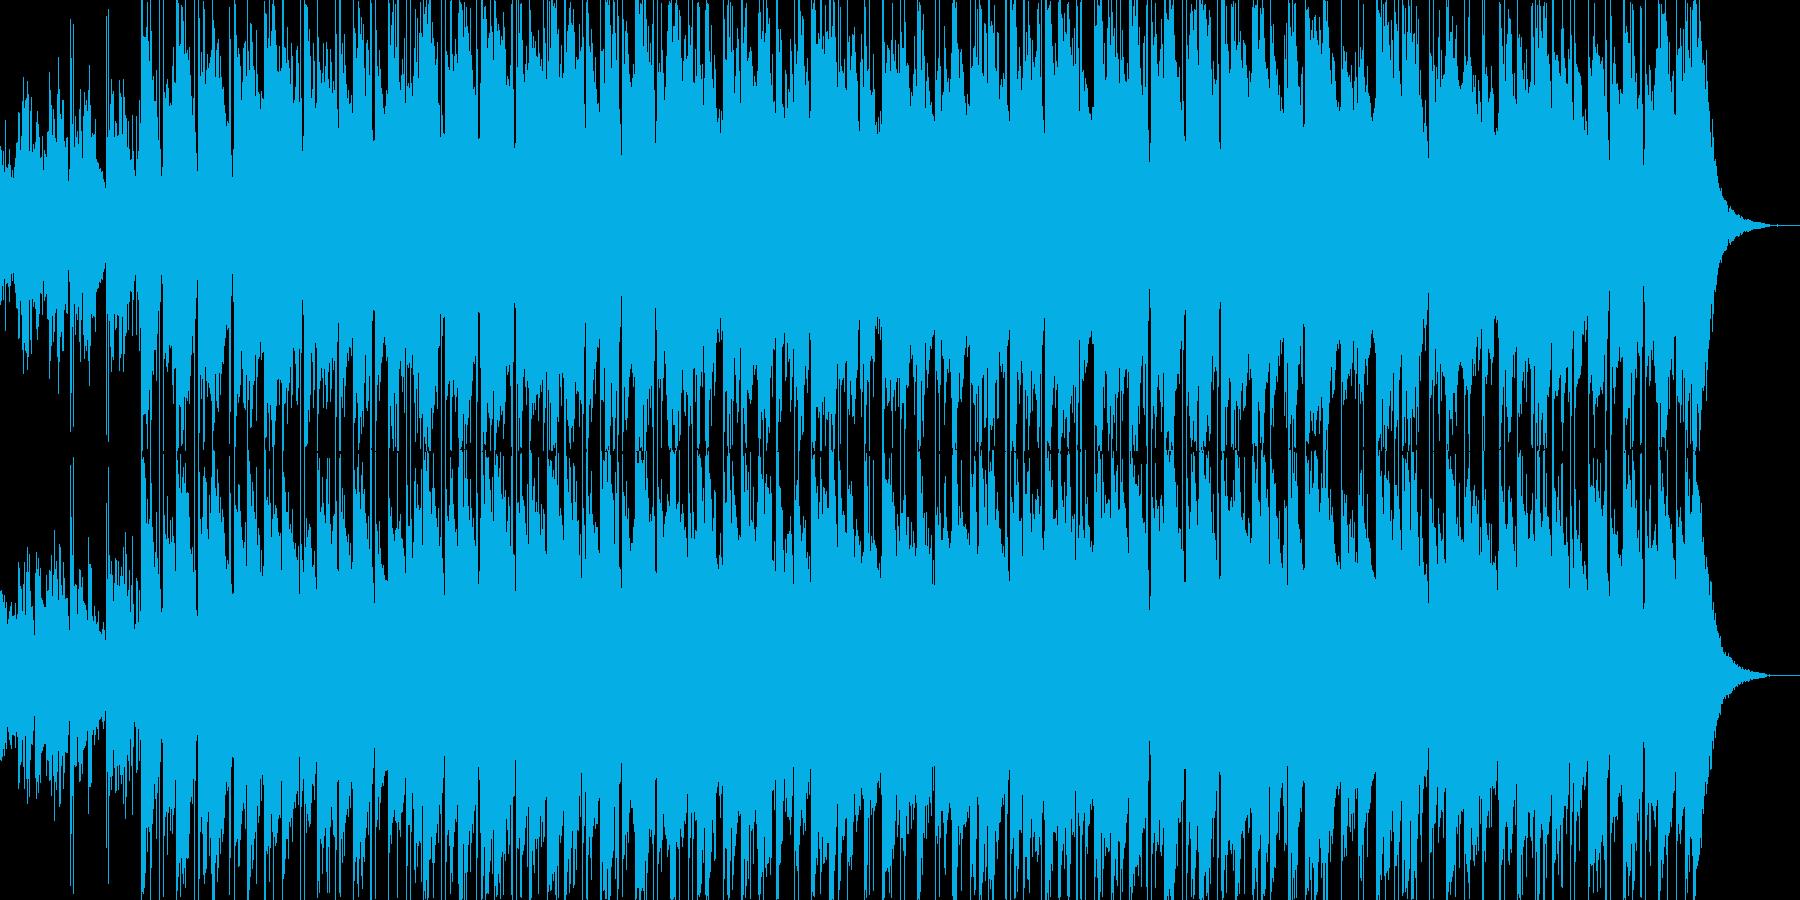 ノルディック系ファンタジー、空間系BGMの再生済みの波形